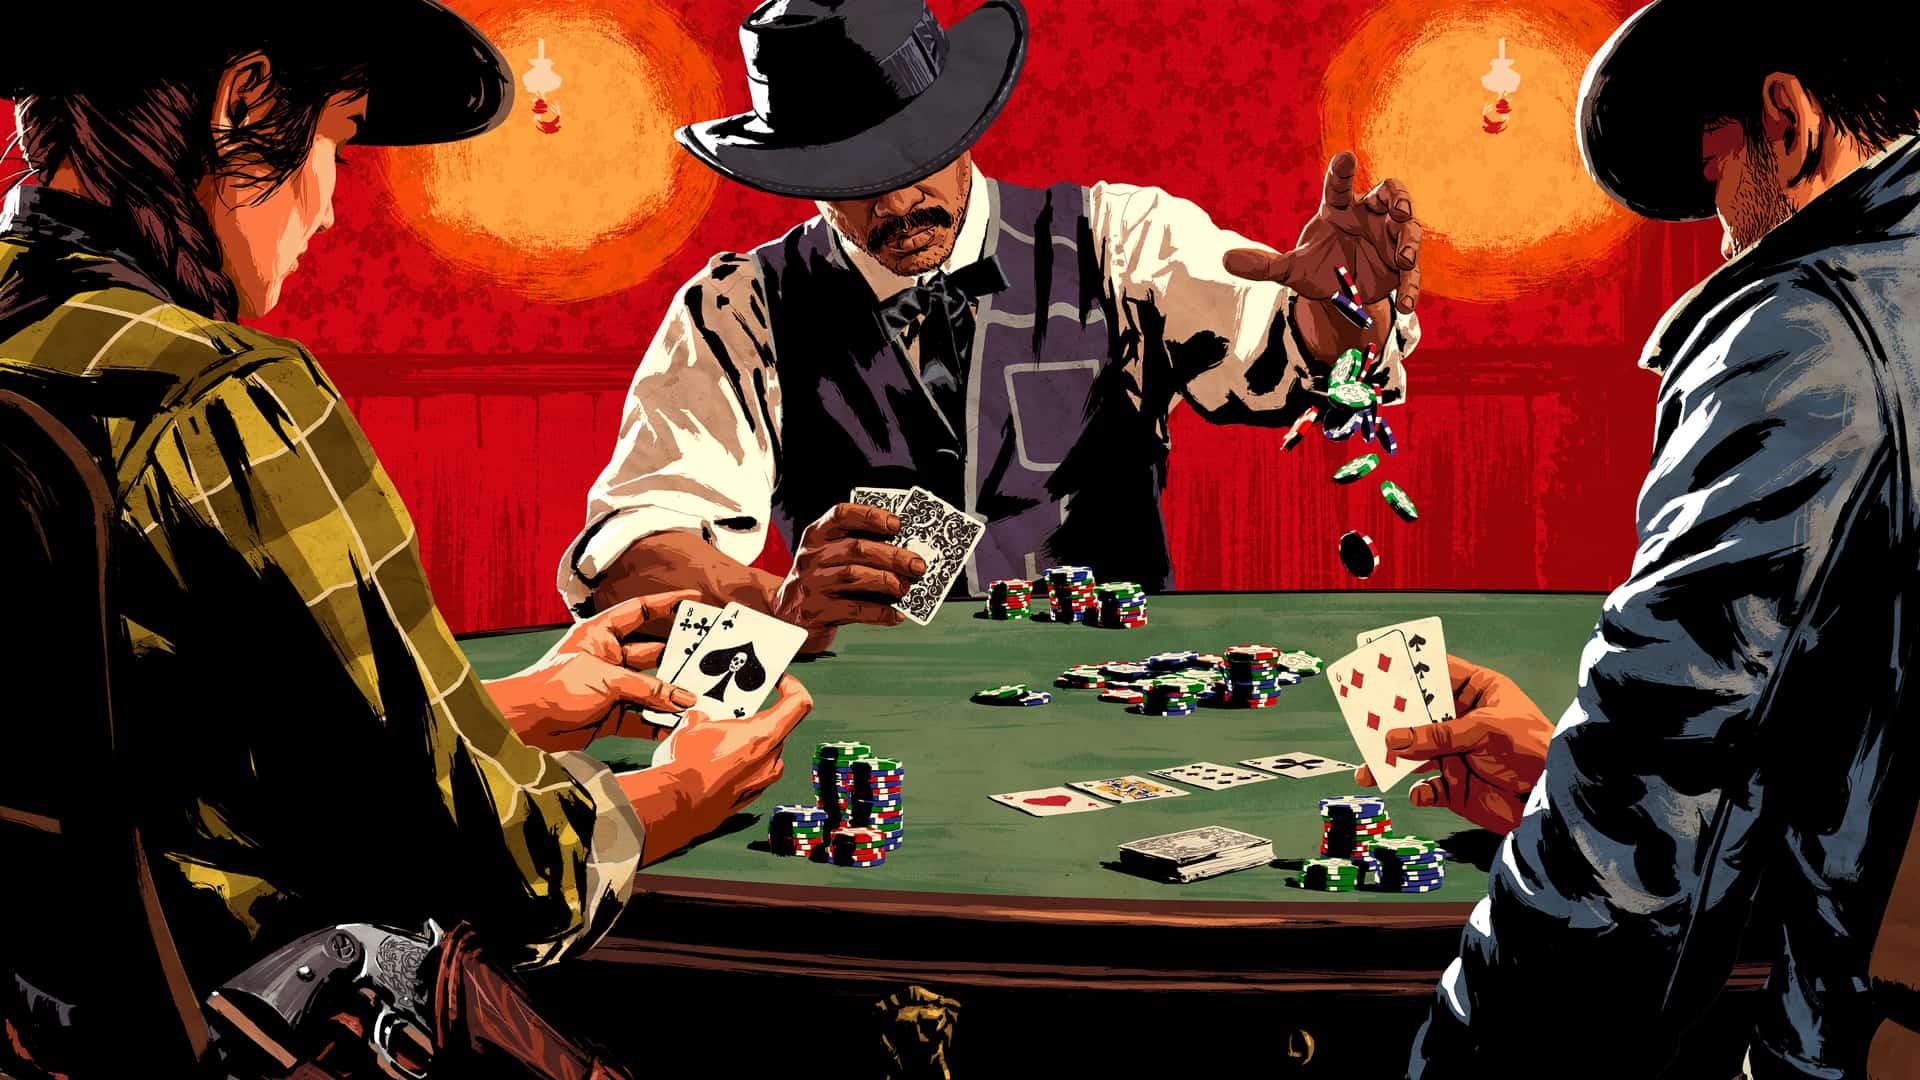 Red Dead Online Poker Guide - RDR2.org